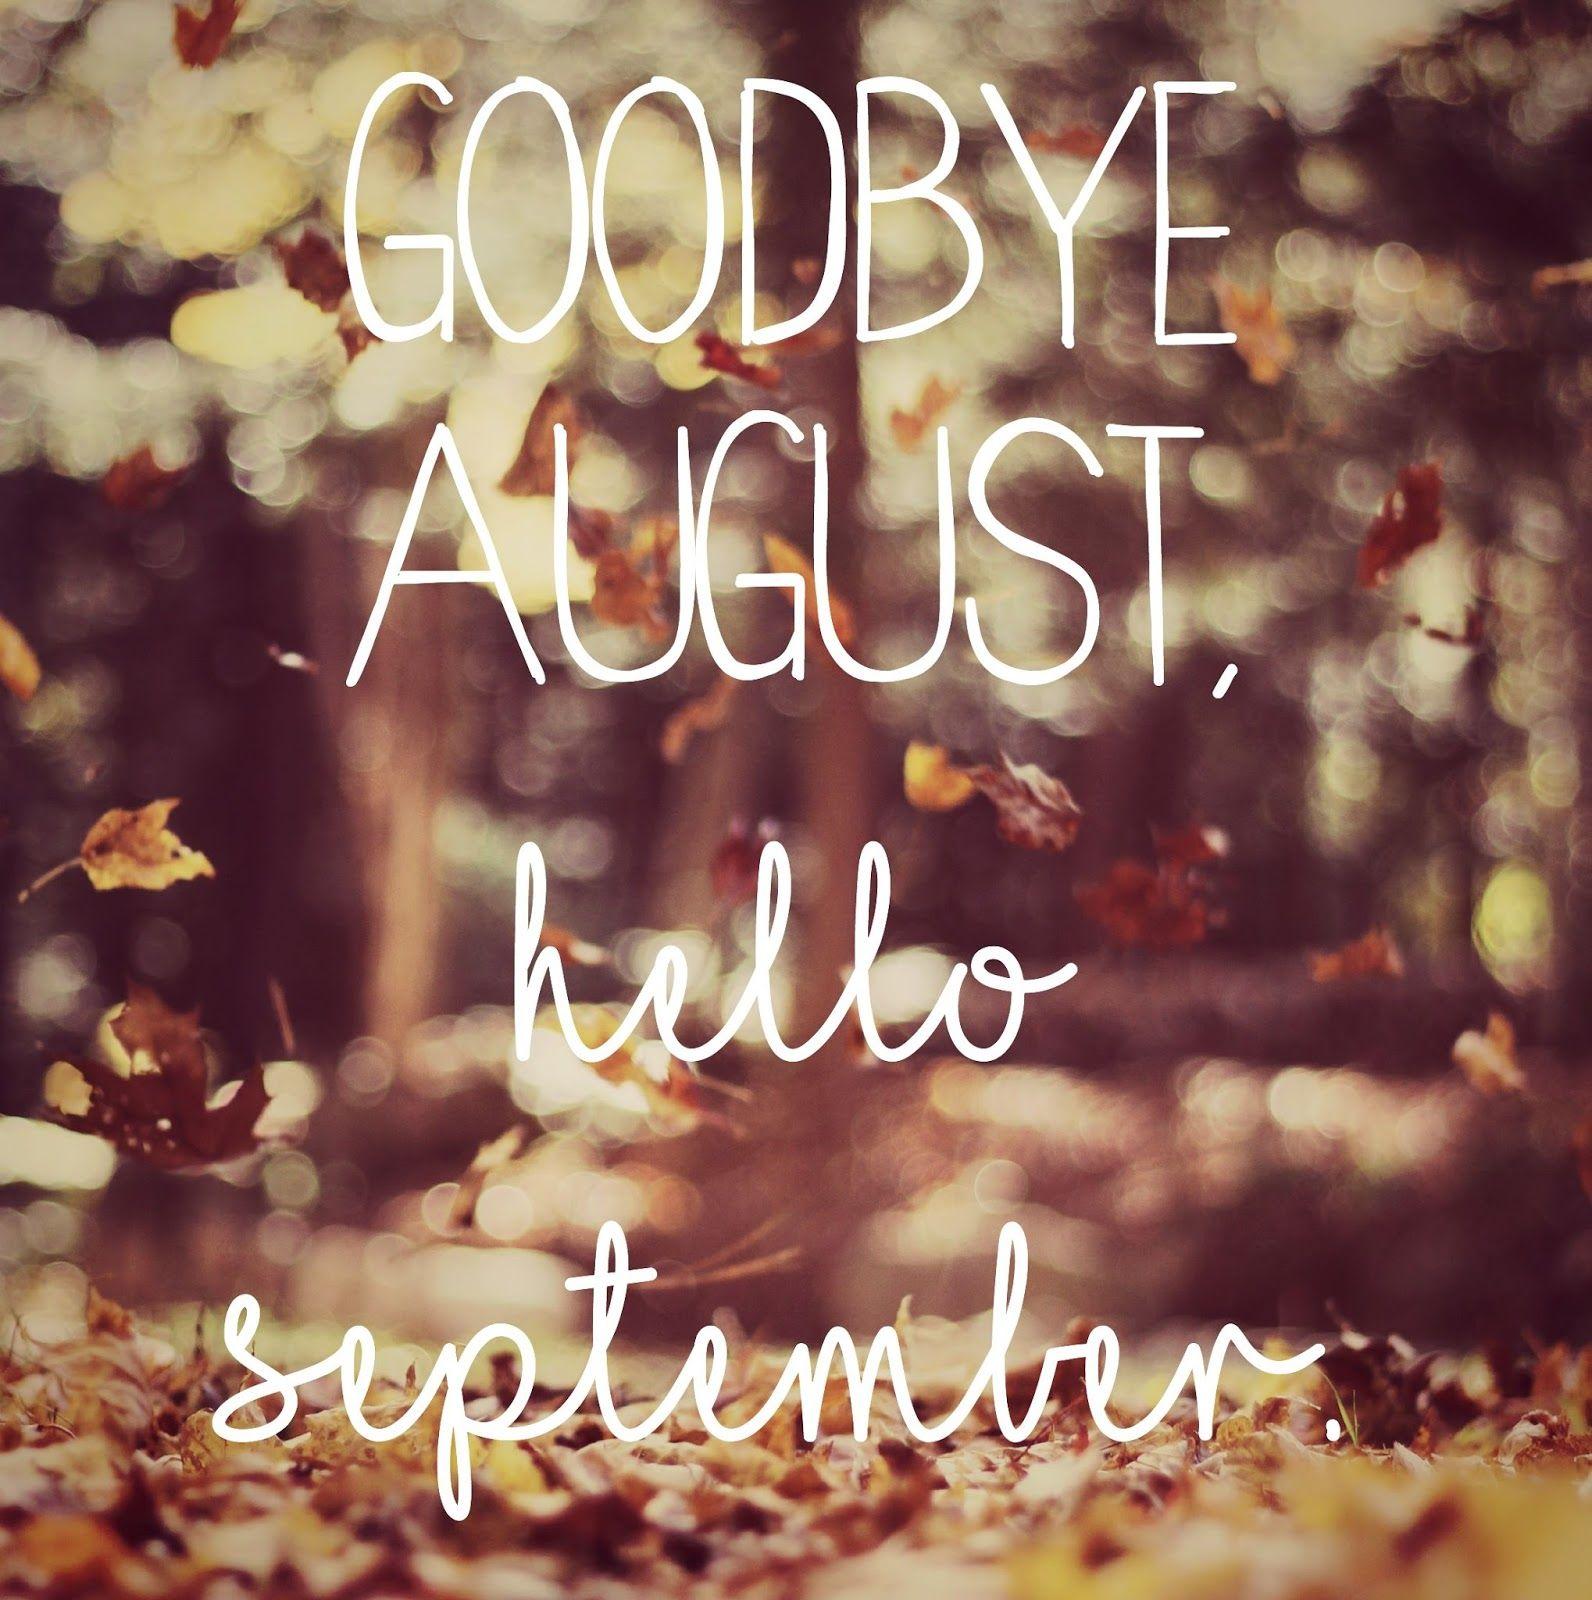 Superior Goodbye August Hello September